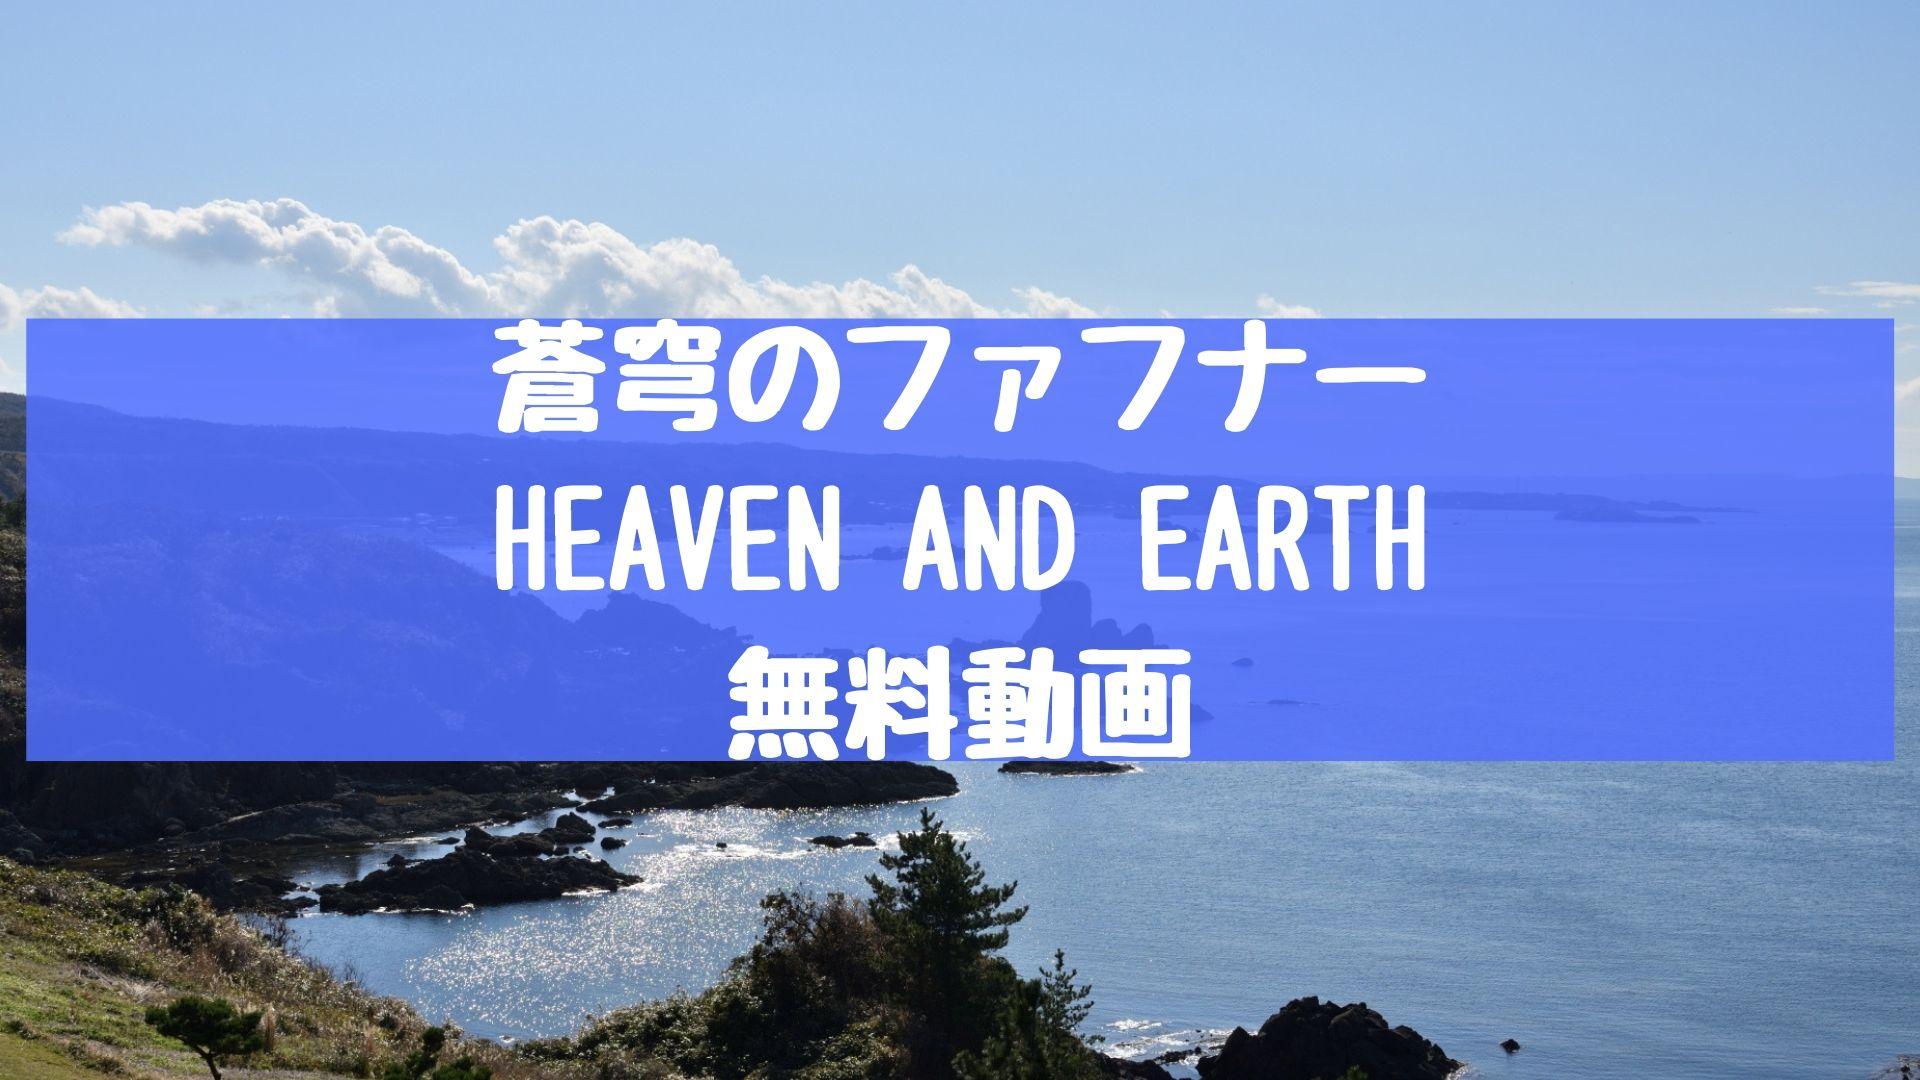 映画「蒼穹のファフナー HEAVEN AND EARTH」の無料動画